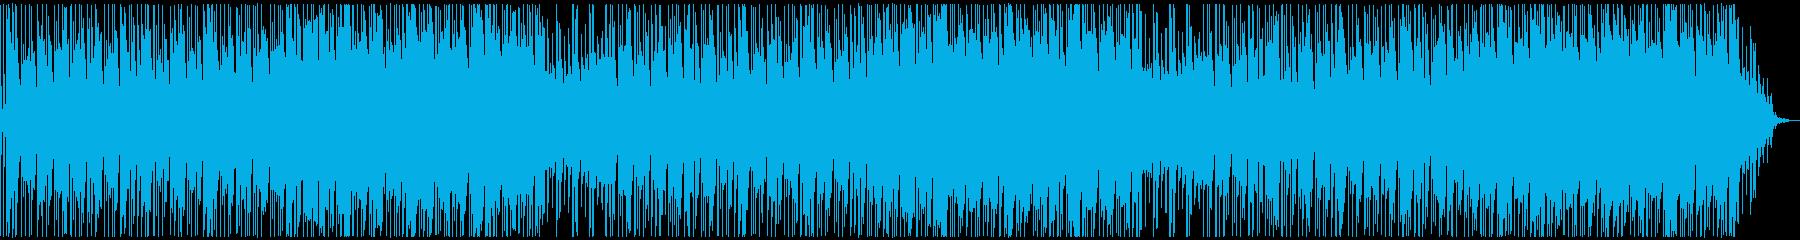 定番曲「スタイリッシュ」Bの再生済みの波形